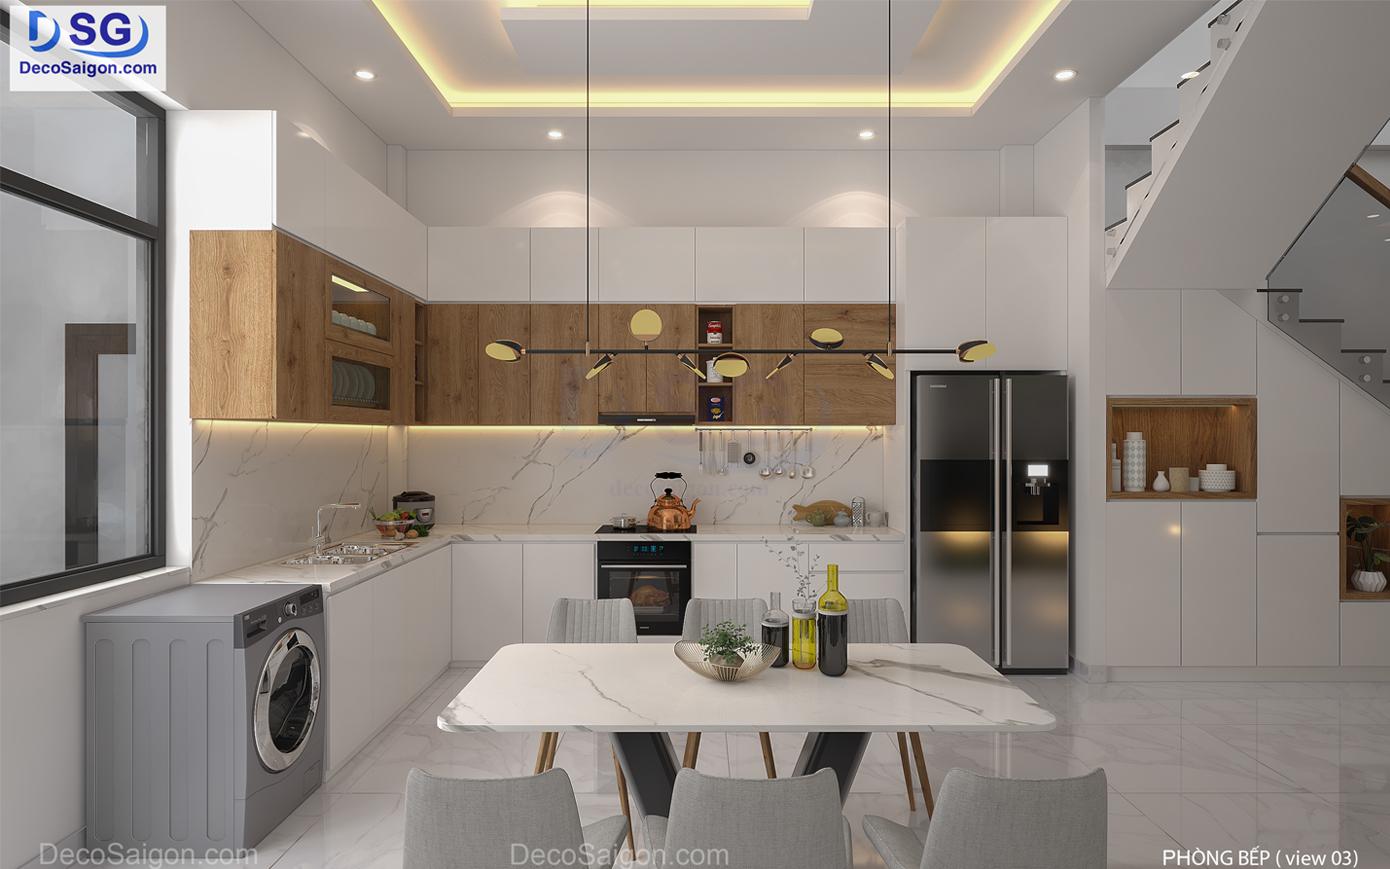 Thi công mẫu tủ bếp đẹp hiện đại nhà ông Đạt